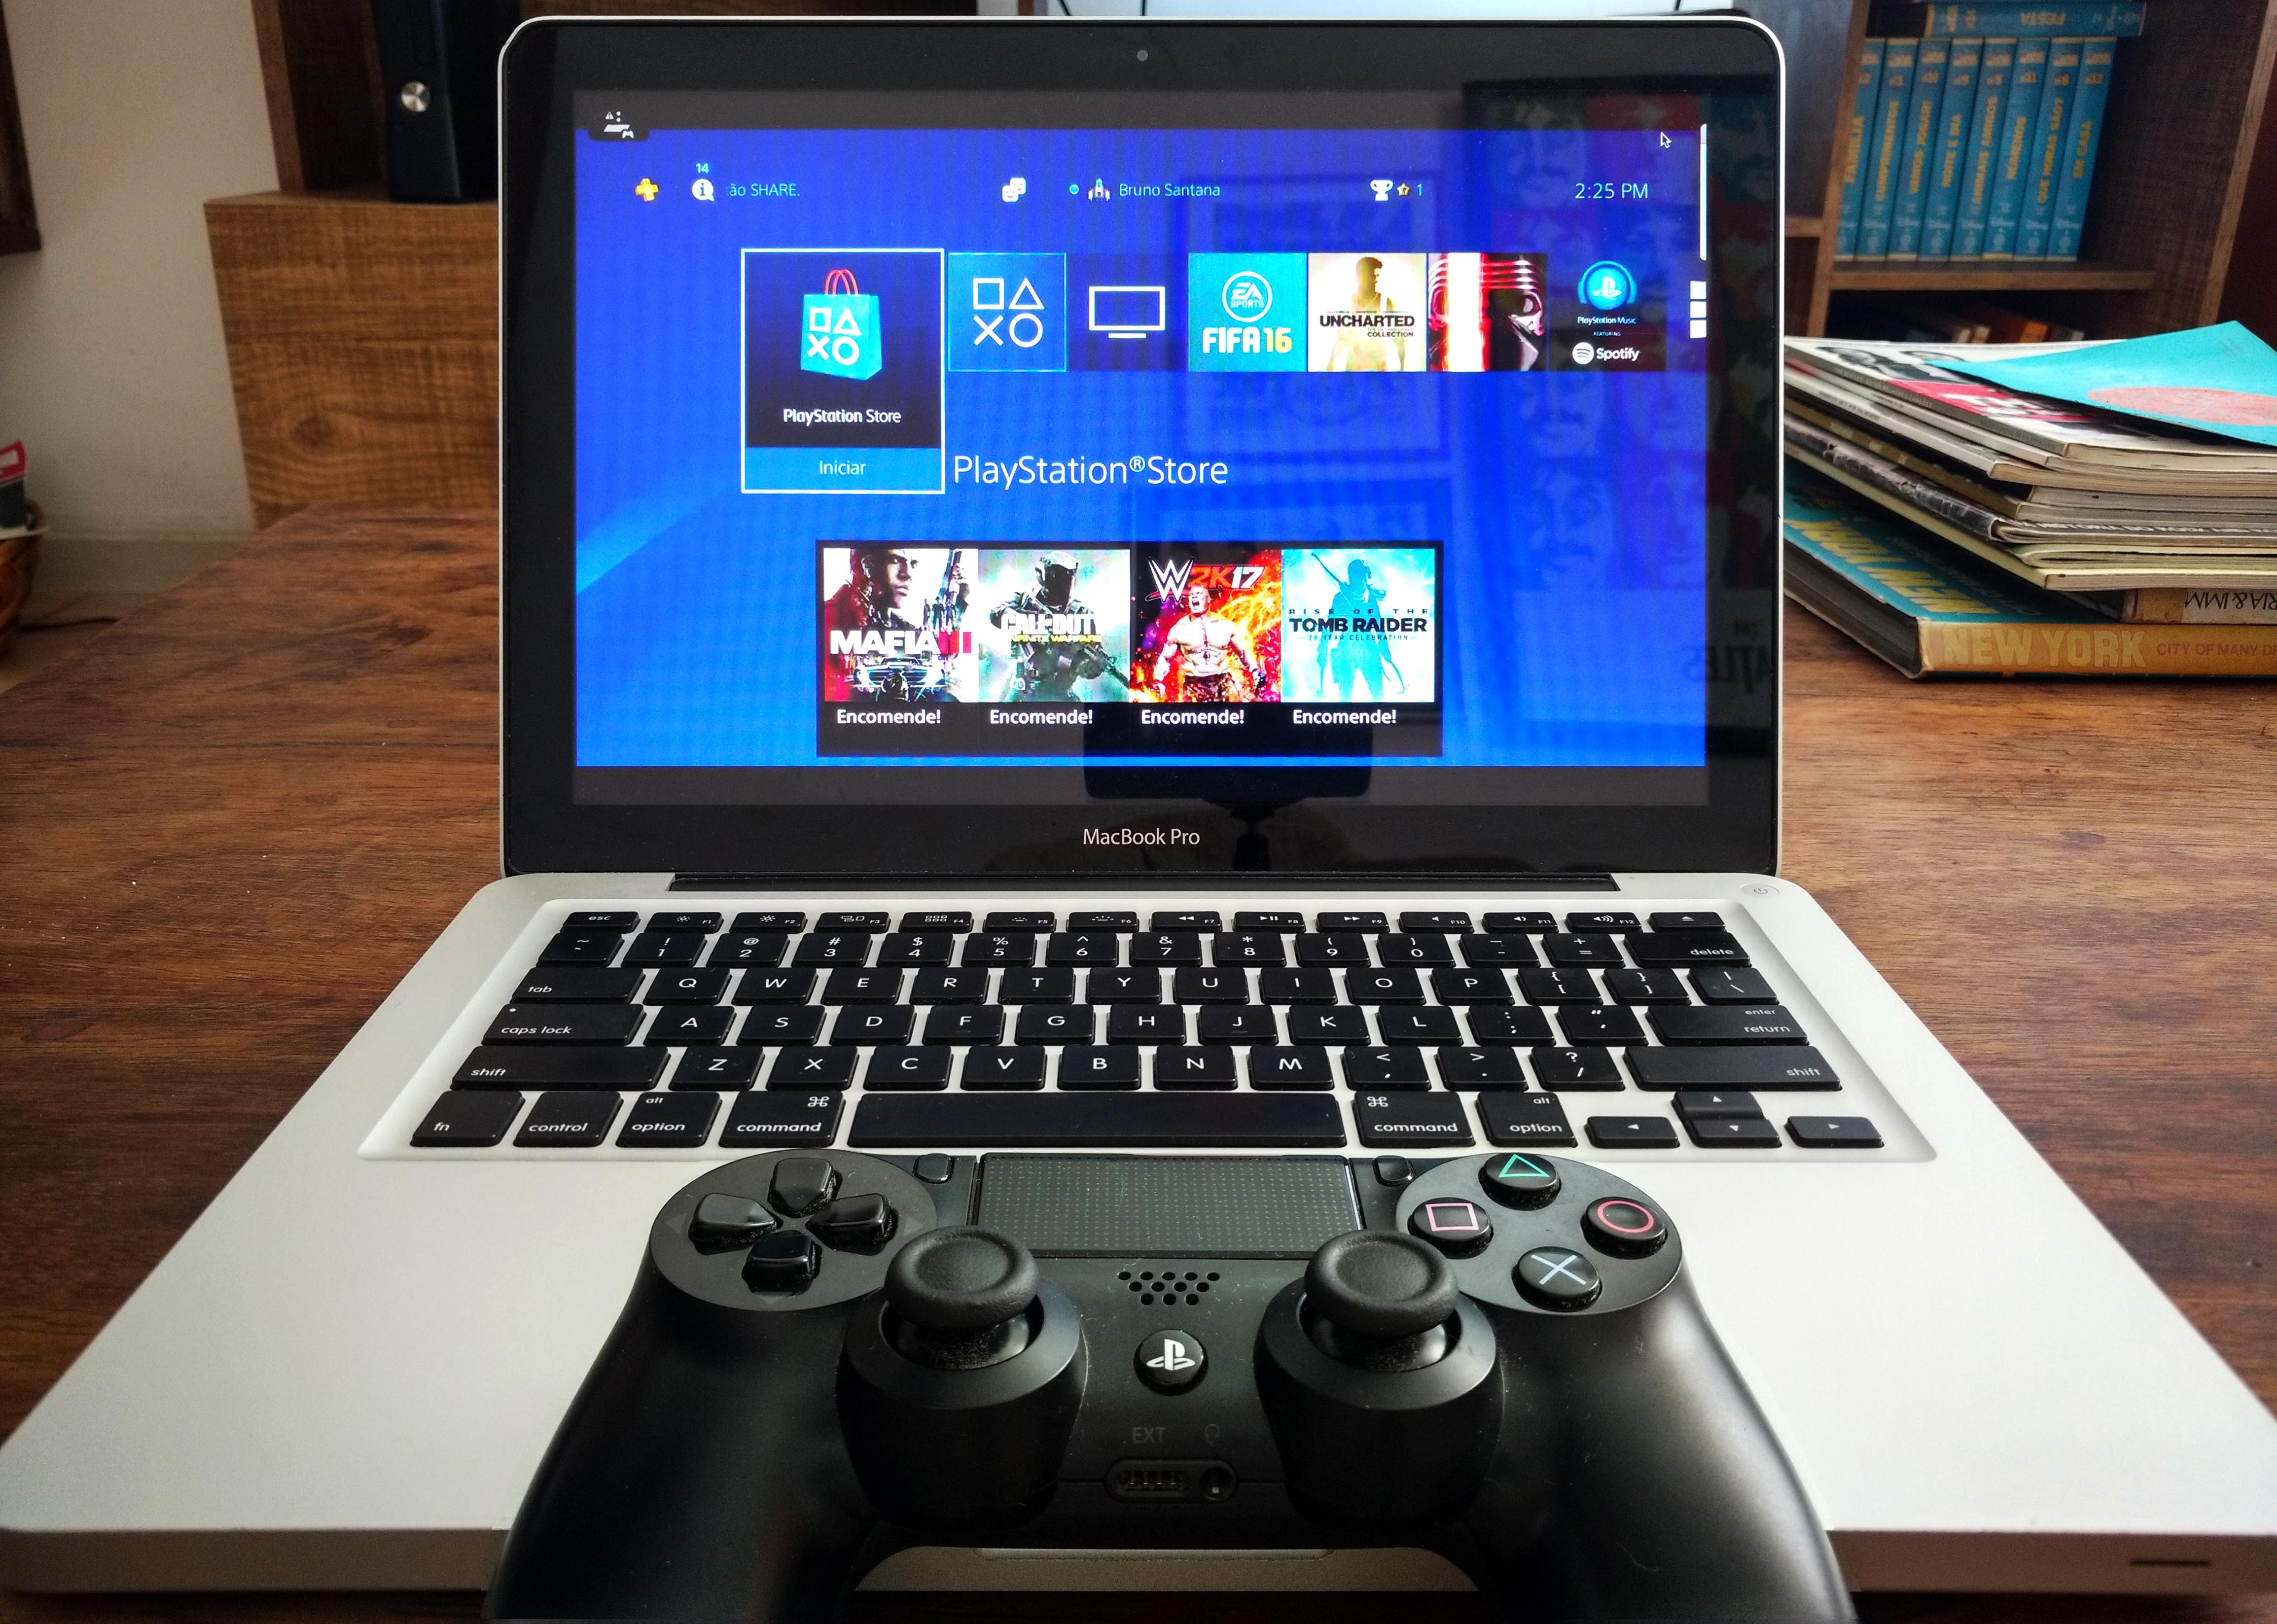 MacBook Pro com Remote Play do PS4